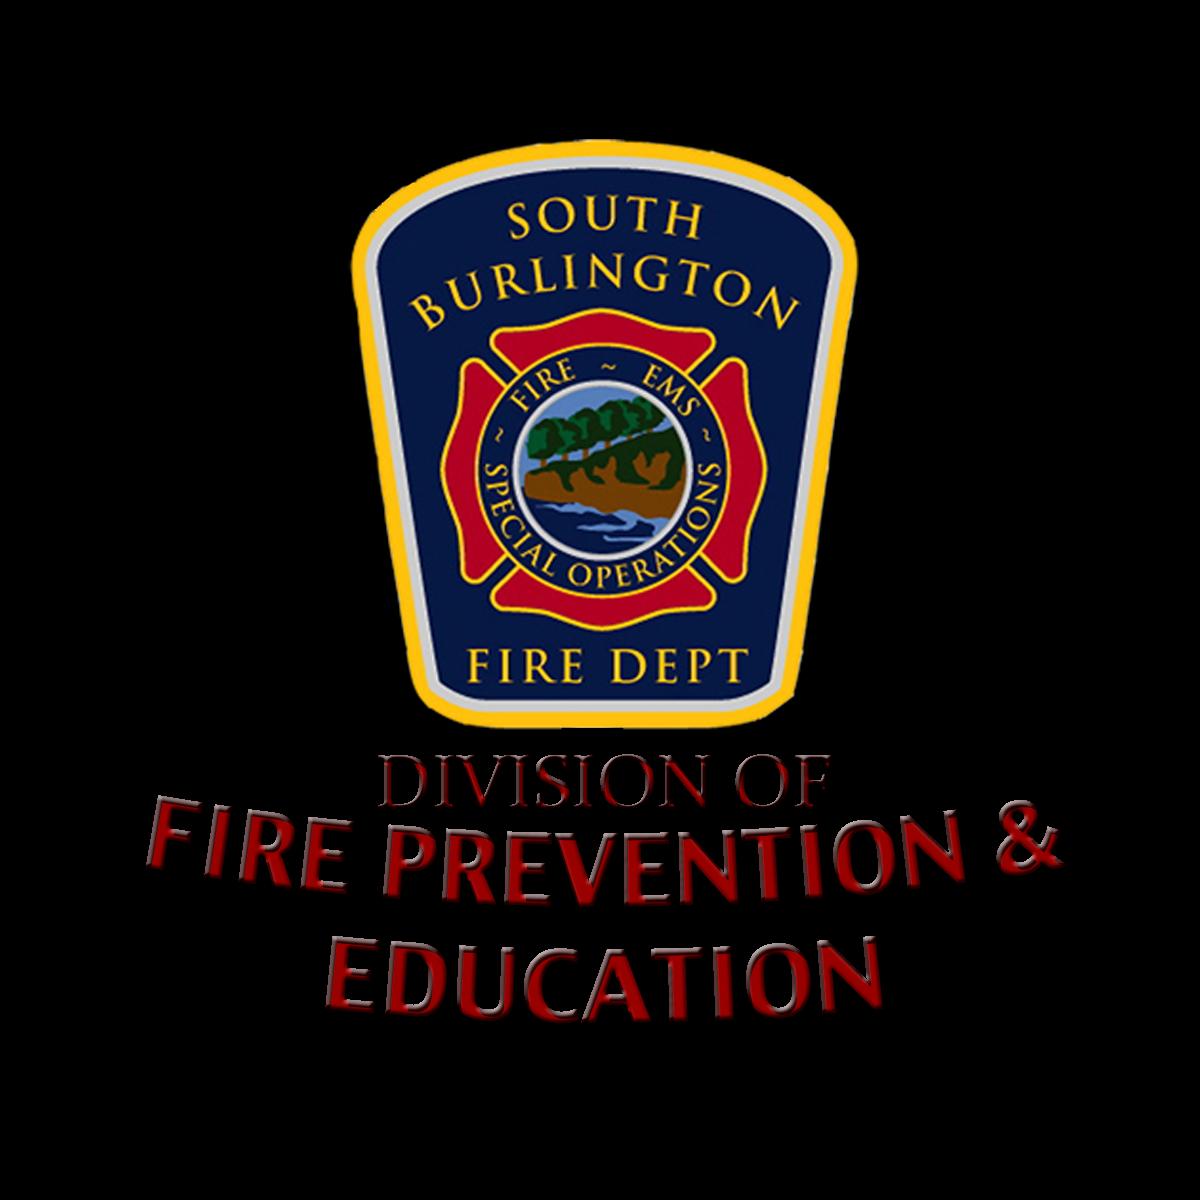 Tea Towels Spontaneous Combustion: South Burlington Fire Public Information Release